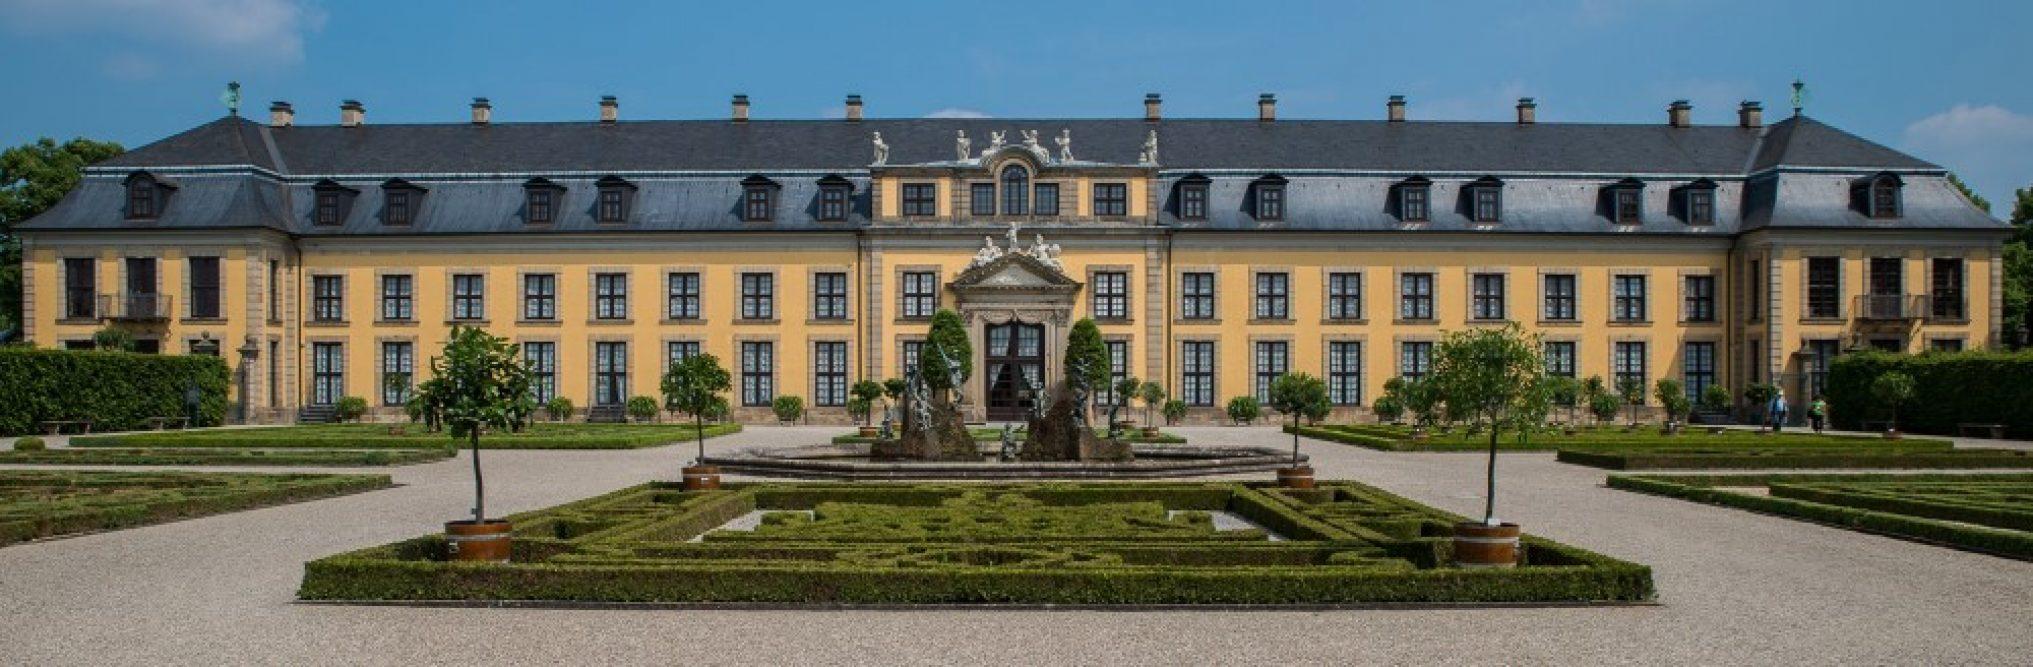 Platz 12 - Volkhardt Lembcke - Herrenhausen Orangerie